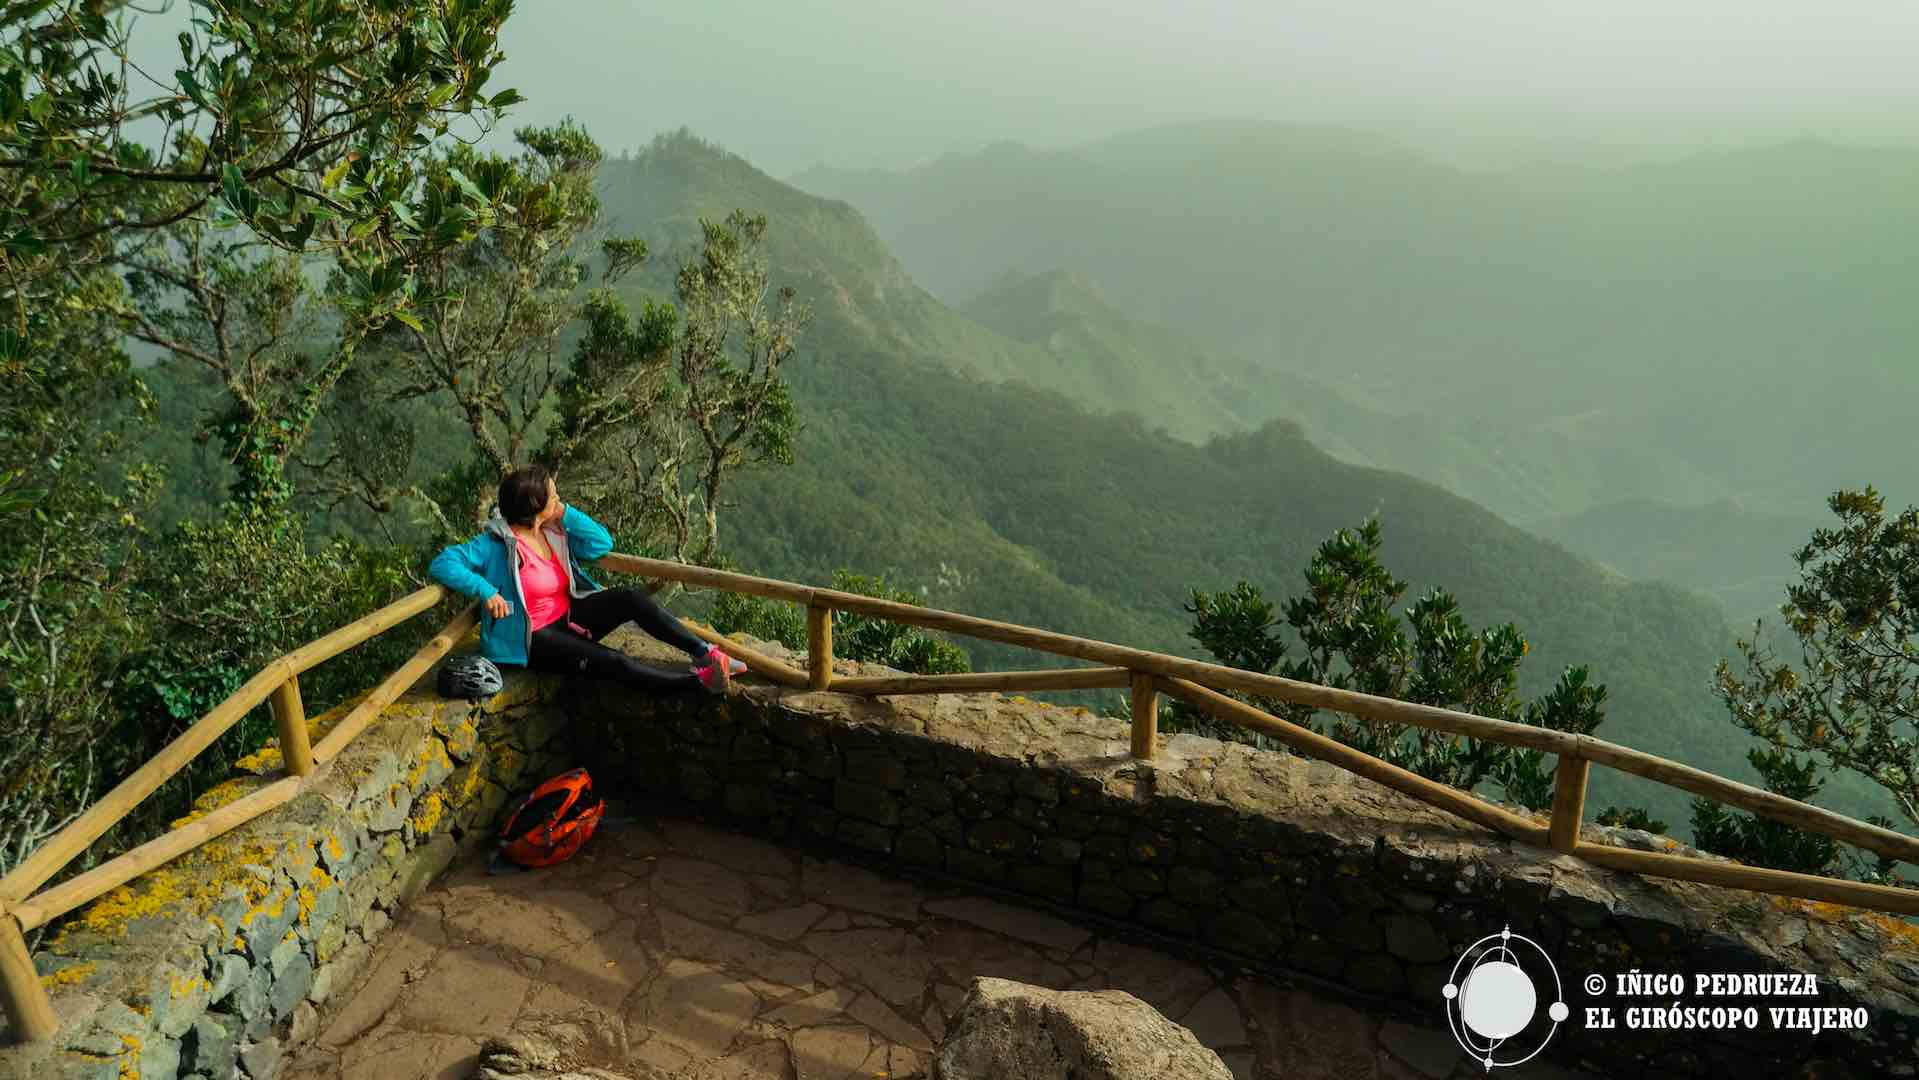 Escudriñando el misterio del Parque Anaga en el Mirador del Pico del Inglés. Final de la ruta